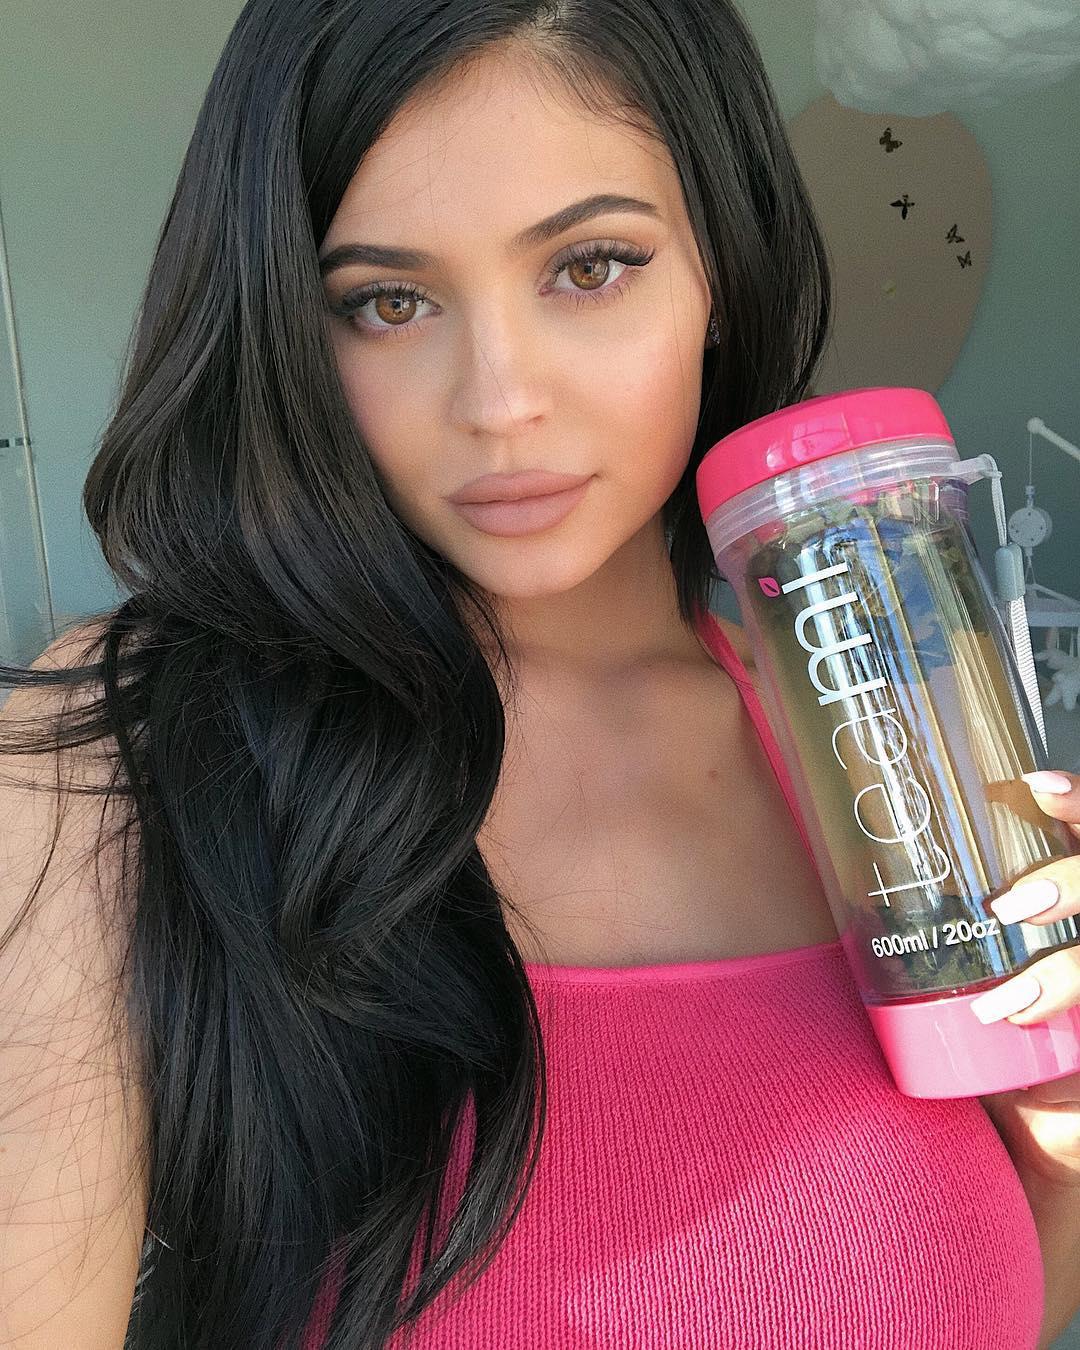 10 Best Kylie Jenner Logo Images On Pinterest: 15 Celebridades Que Ganan Millones De Dólares En Instagram